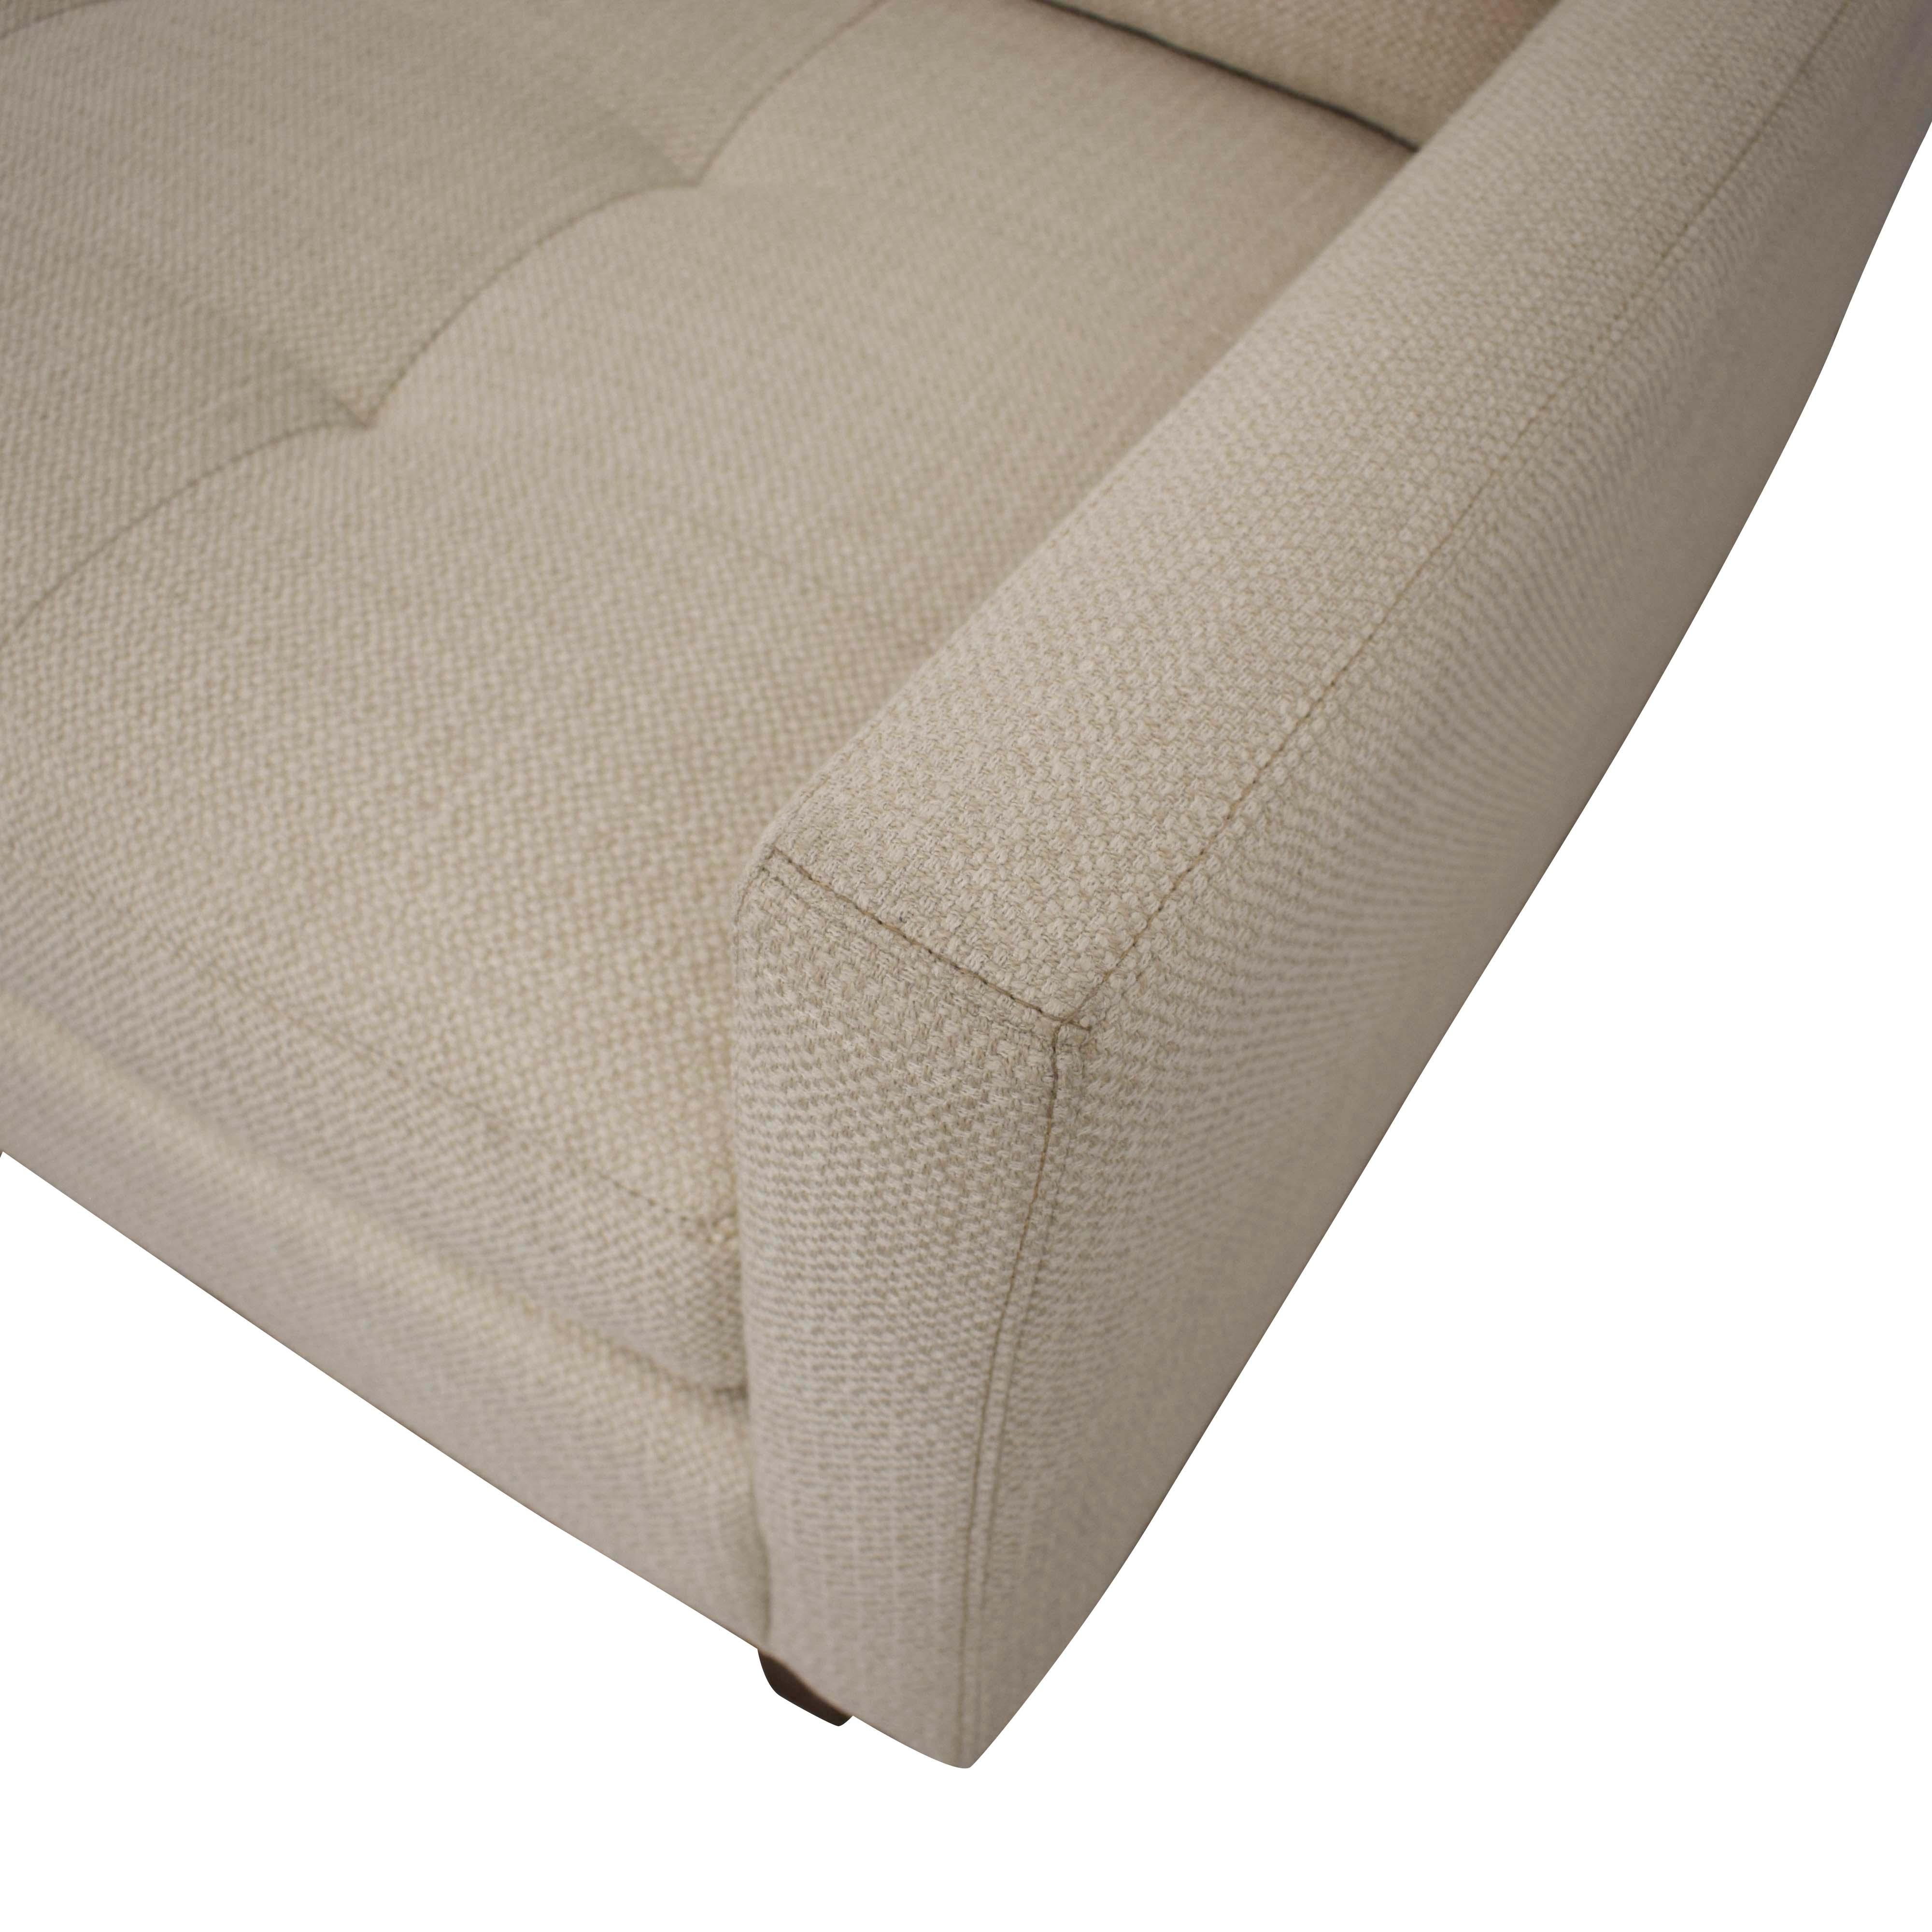 Macy's Macy's Nari Fabric Tufted Sofa nj